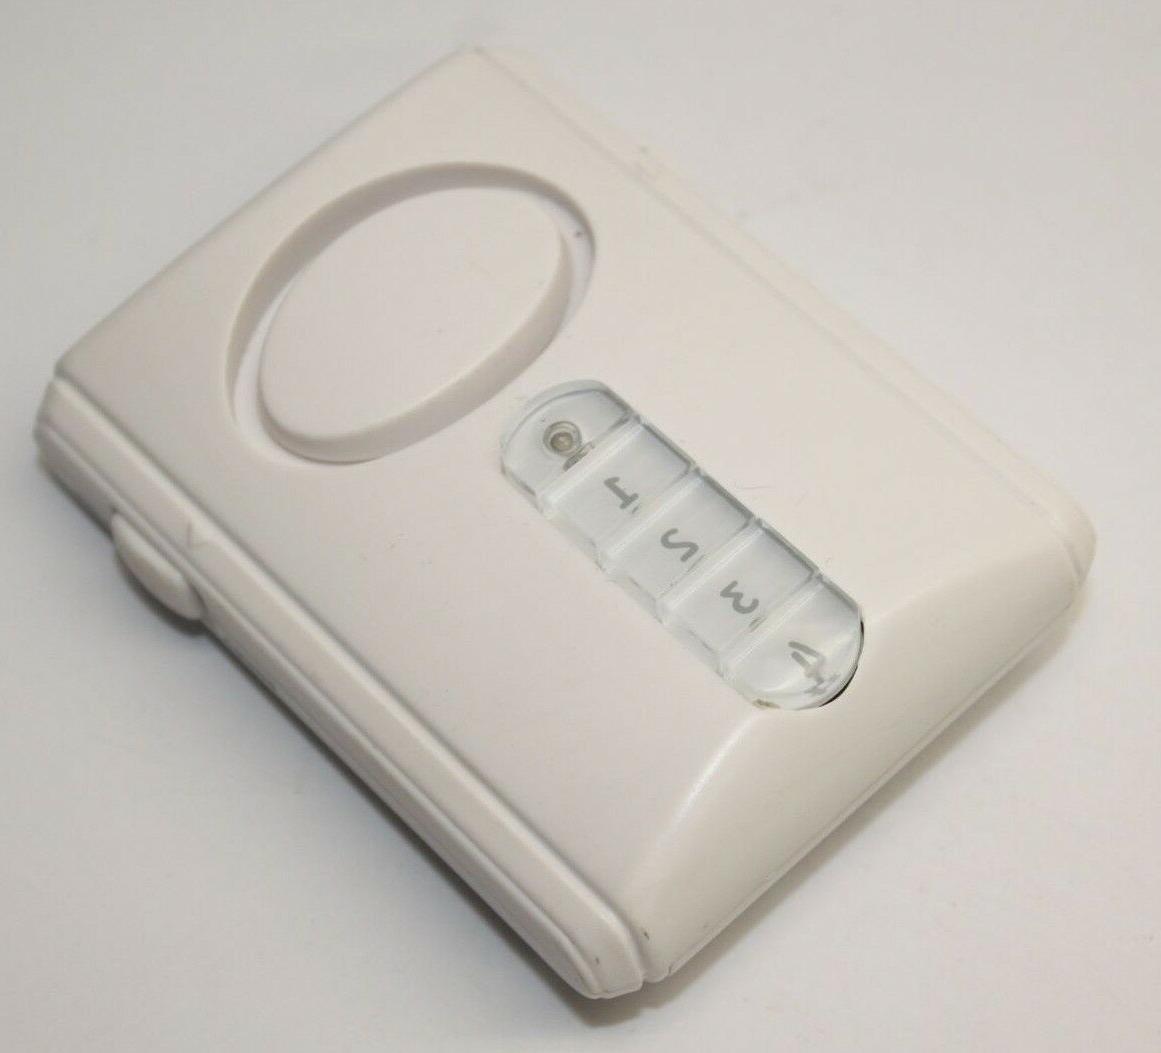 45117 deluxe wireless door alarm entry chime